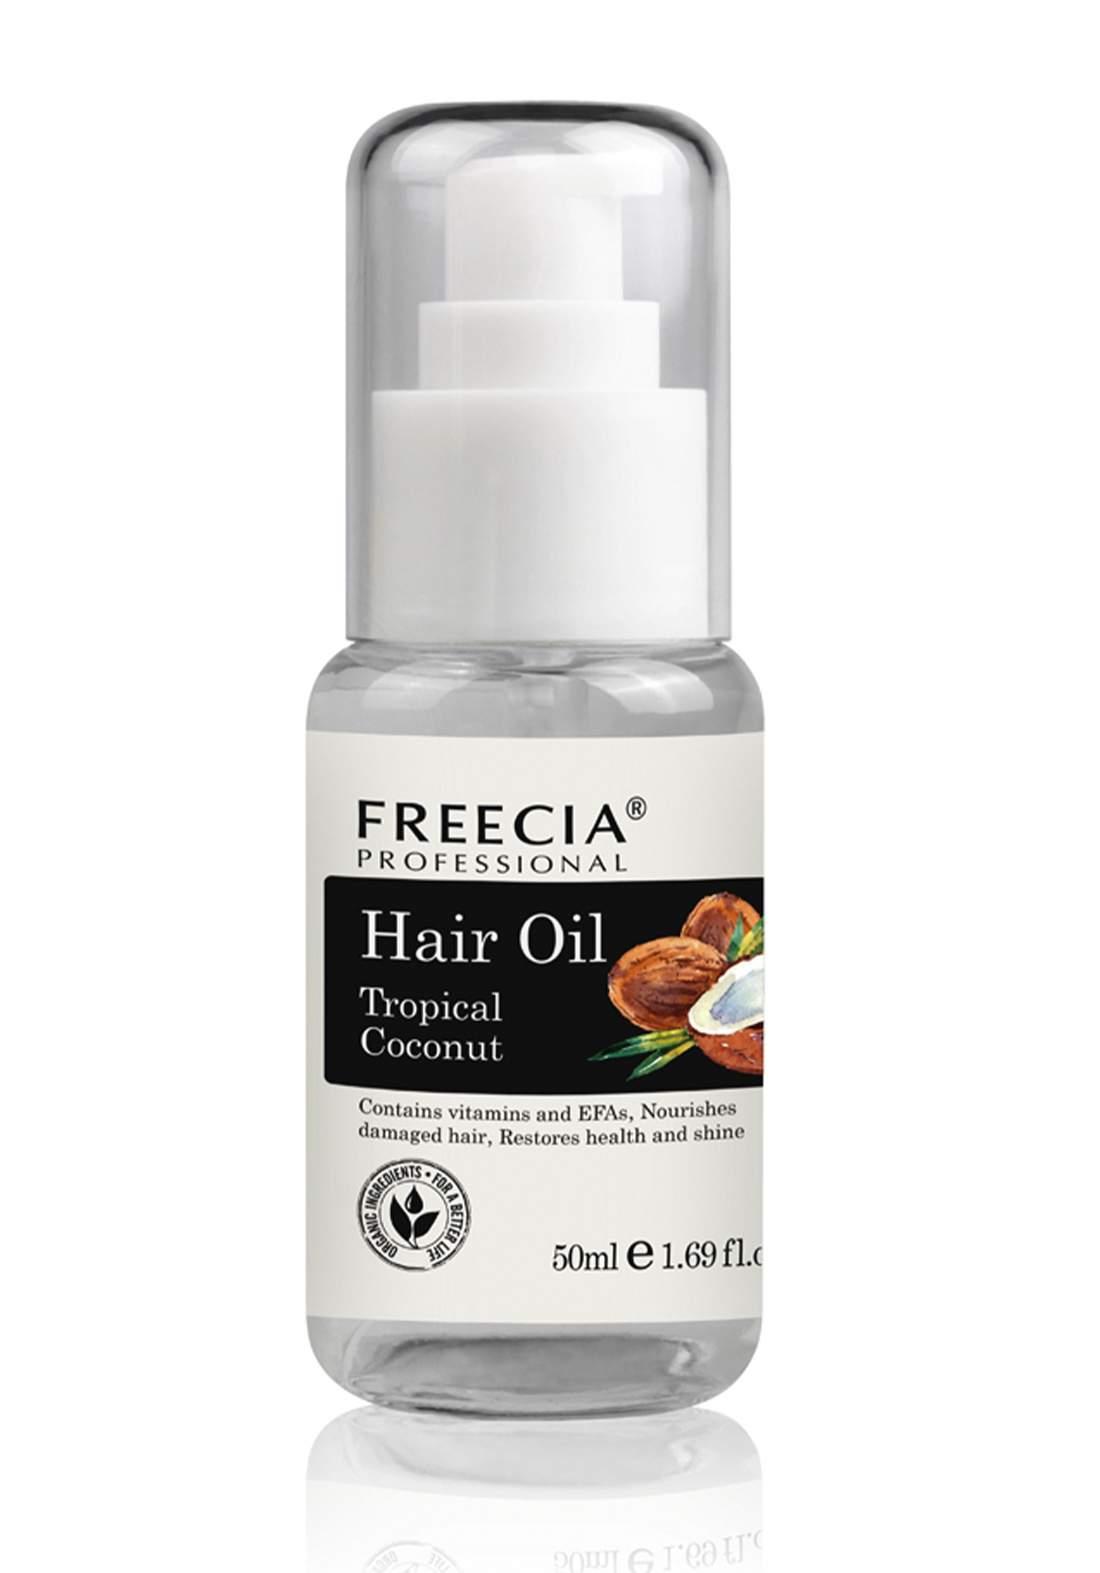 Freecia Tropical Coconut Hair Oil, 50 ml زيت الشعر